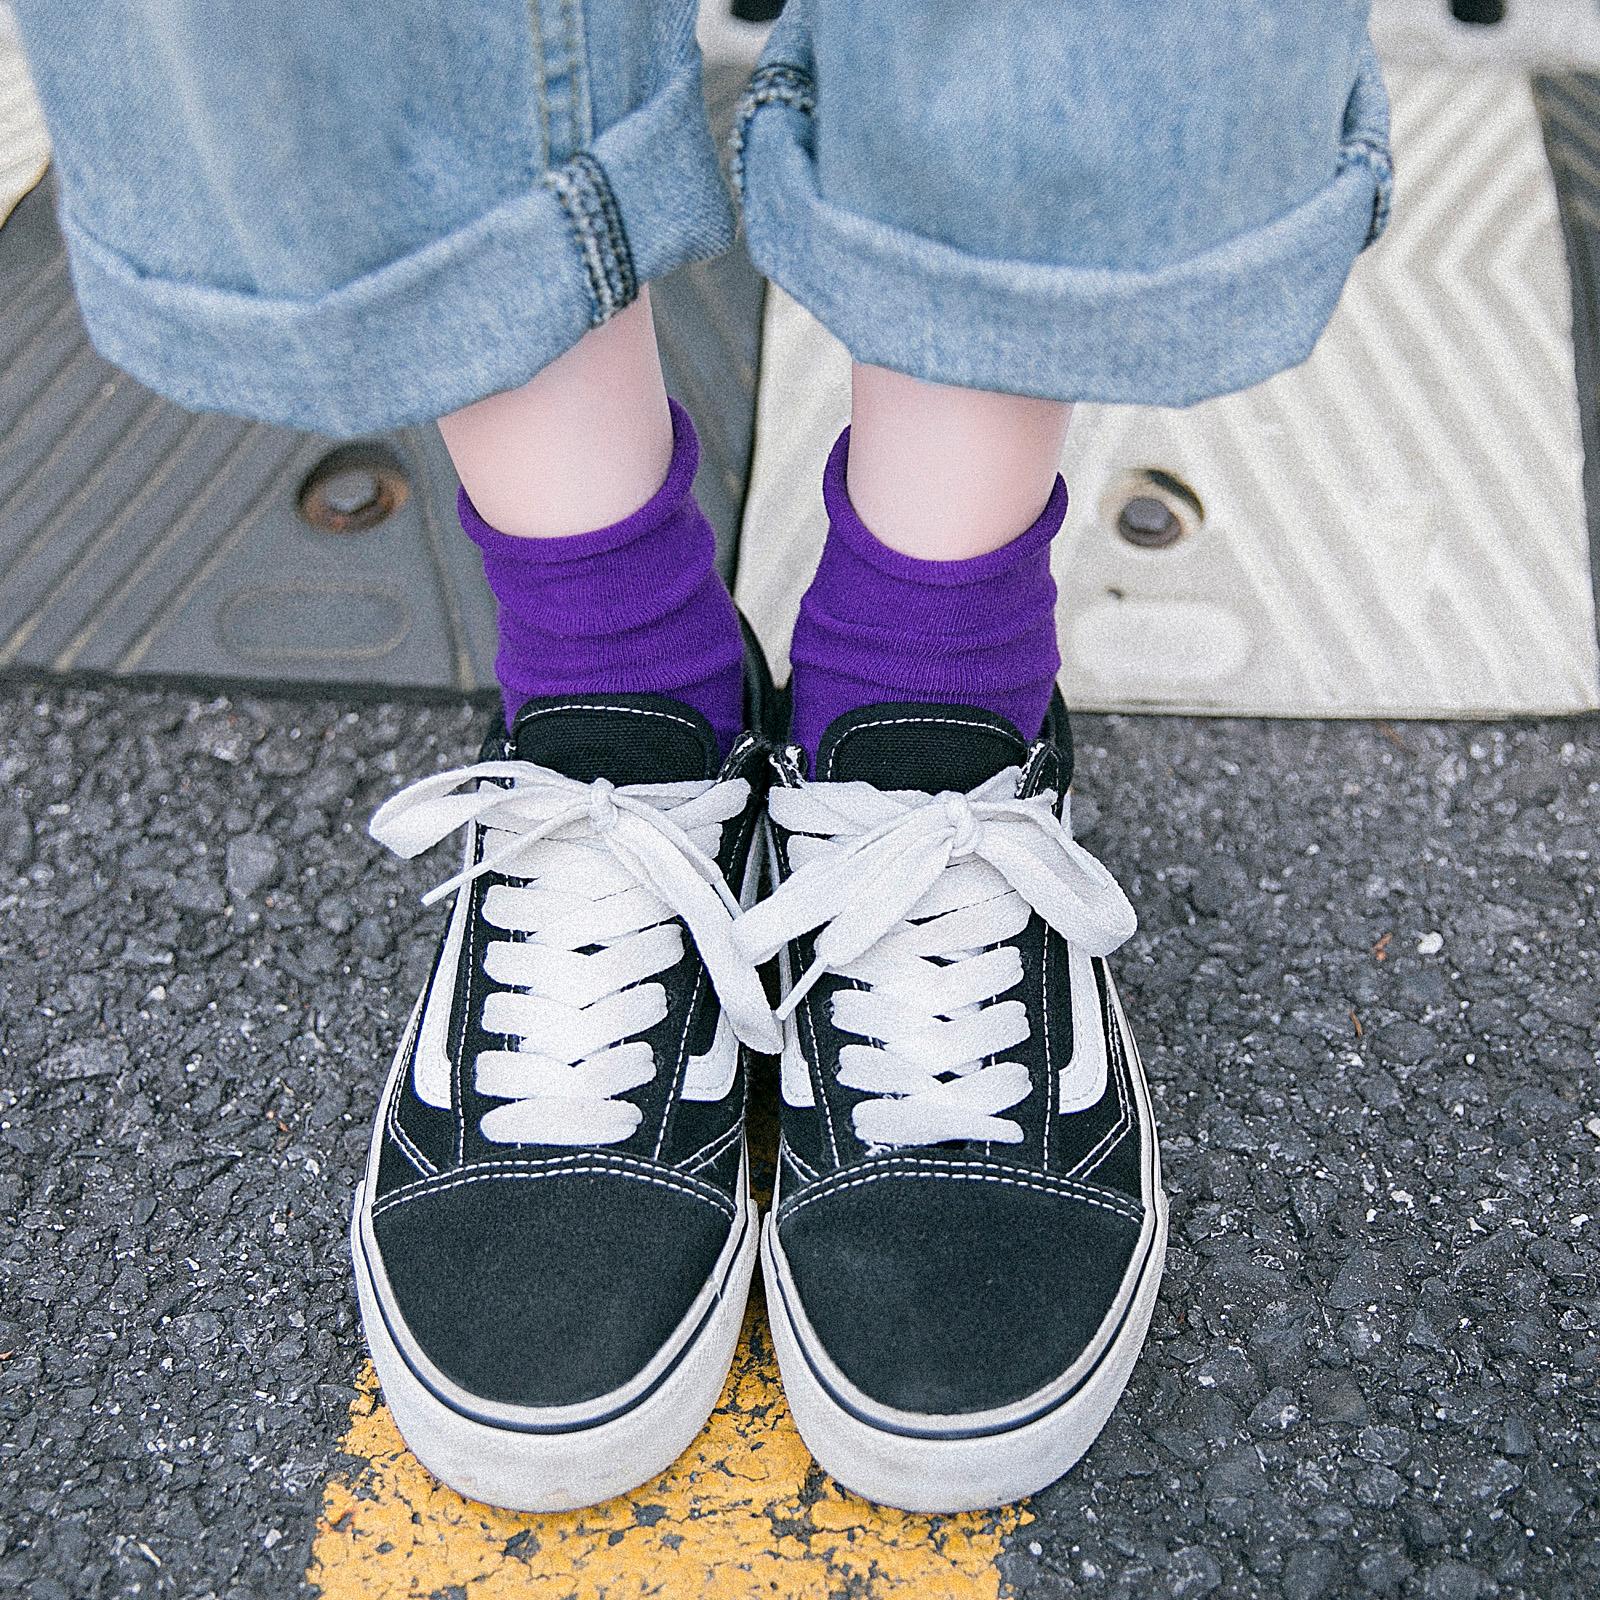 袜子女中筒袜堆堆袜春秋薄款韩版ins潮秋冬韩国复古日系纯色长袜